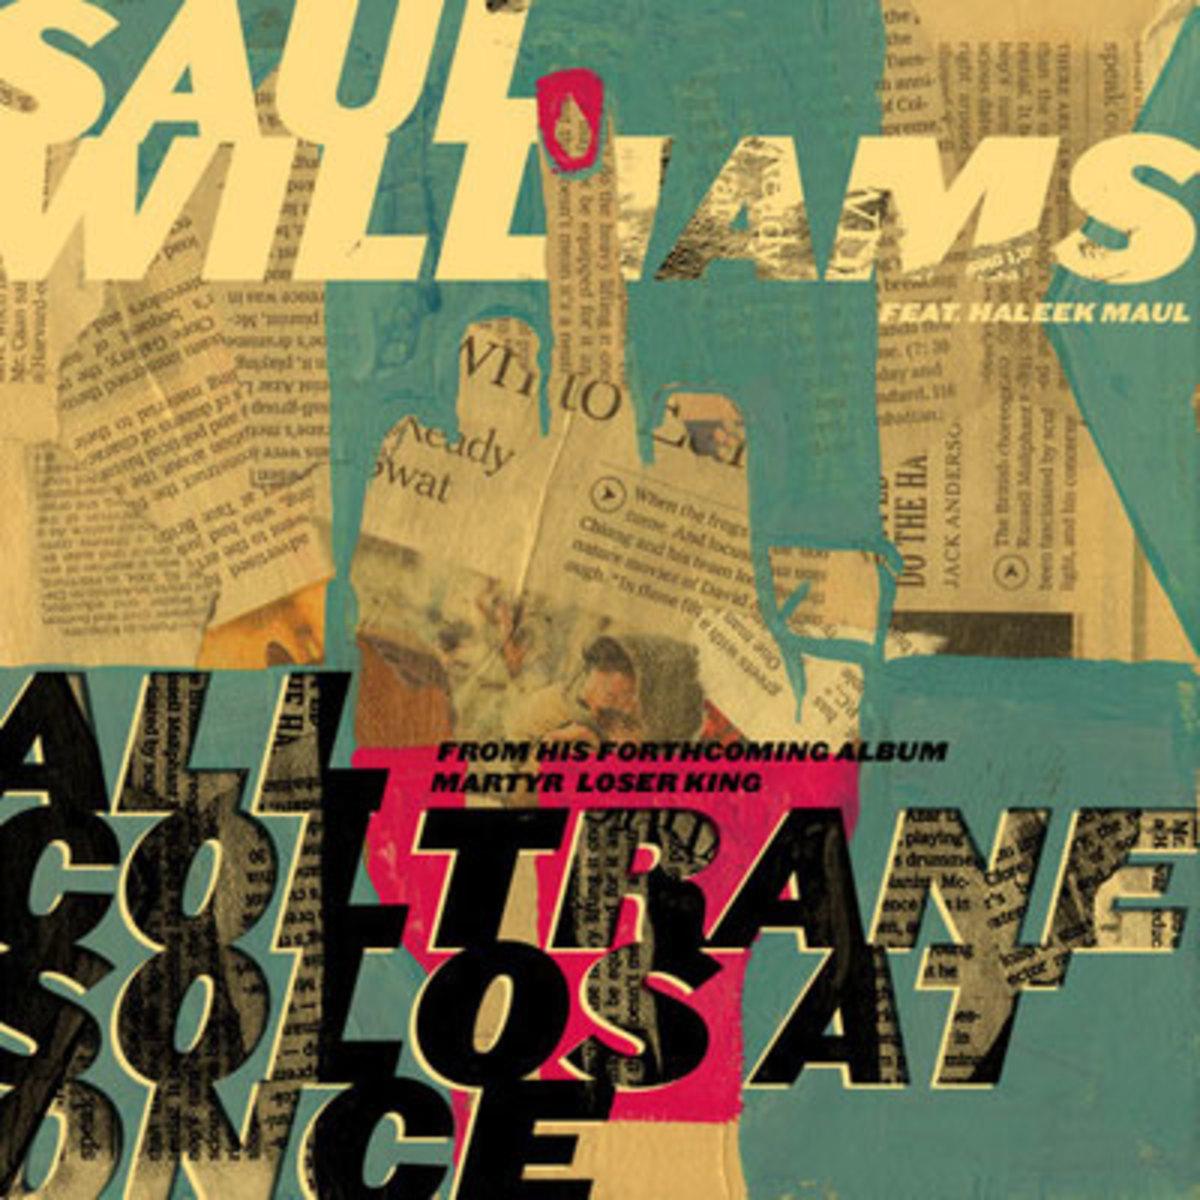 saulwilliams-allcoltrane.jpg